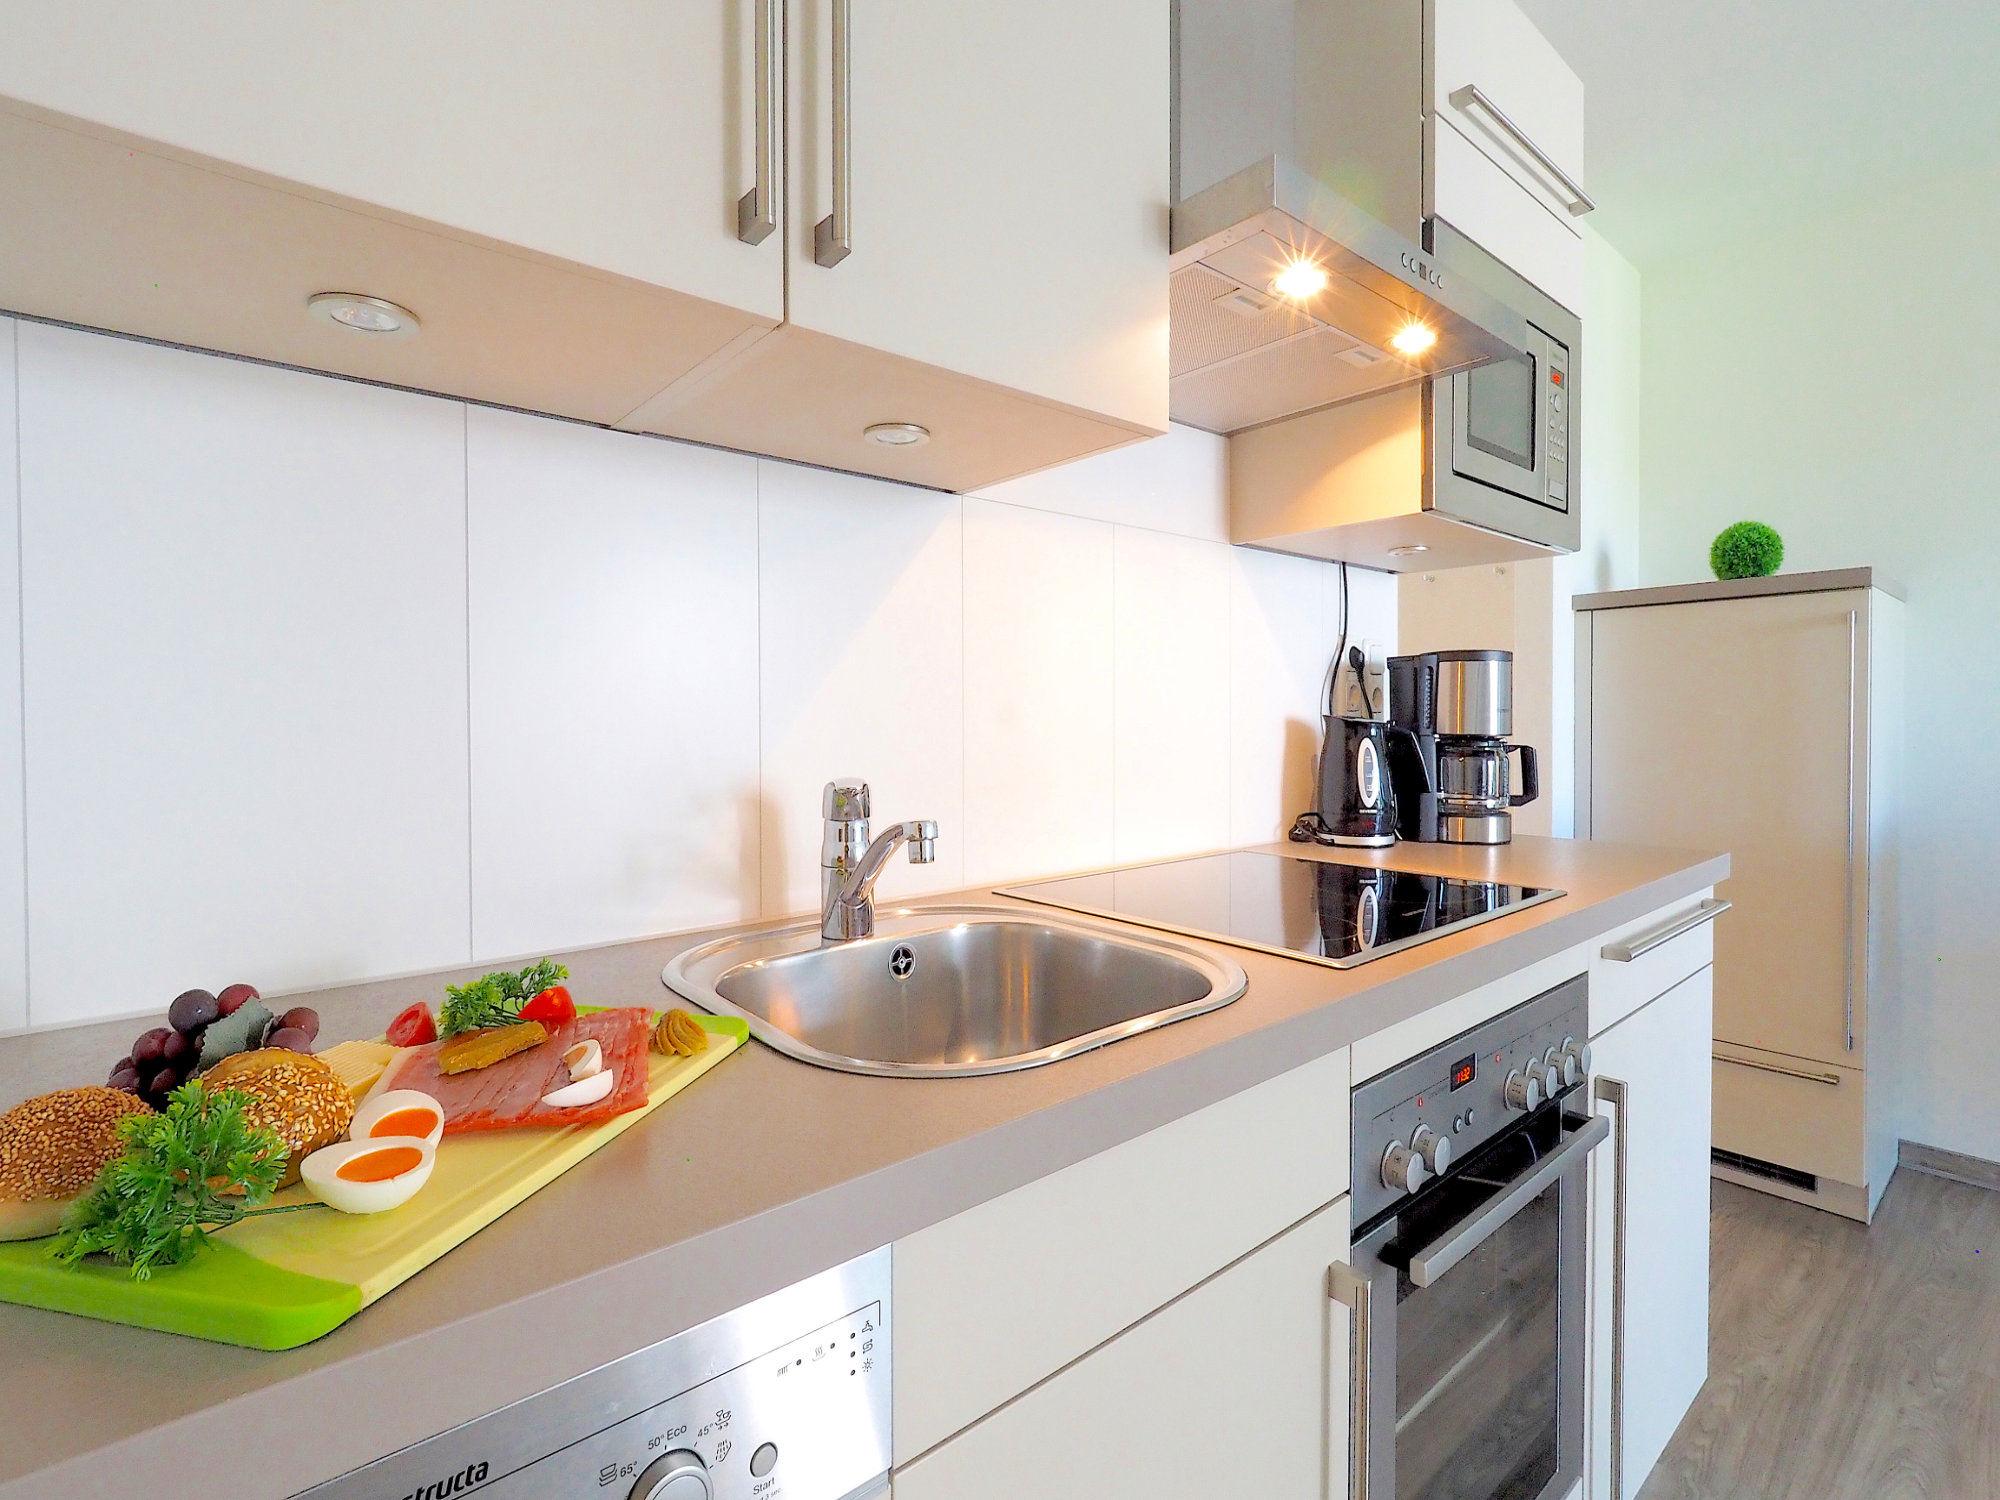 seitlicher Blick auf moderne Küchenzeile